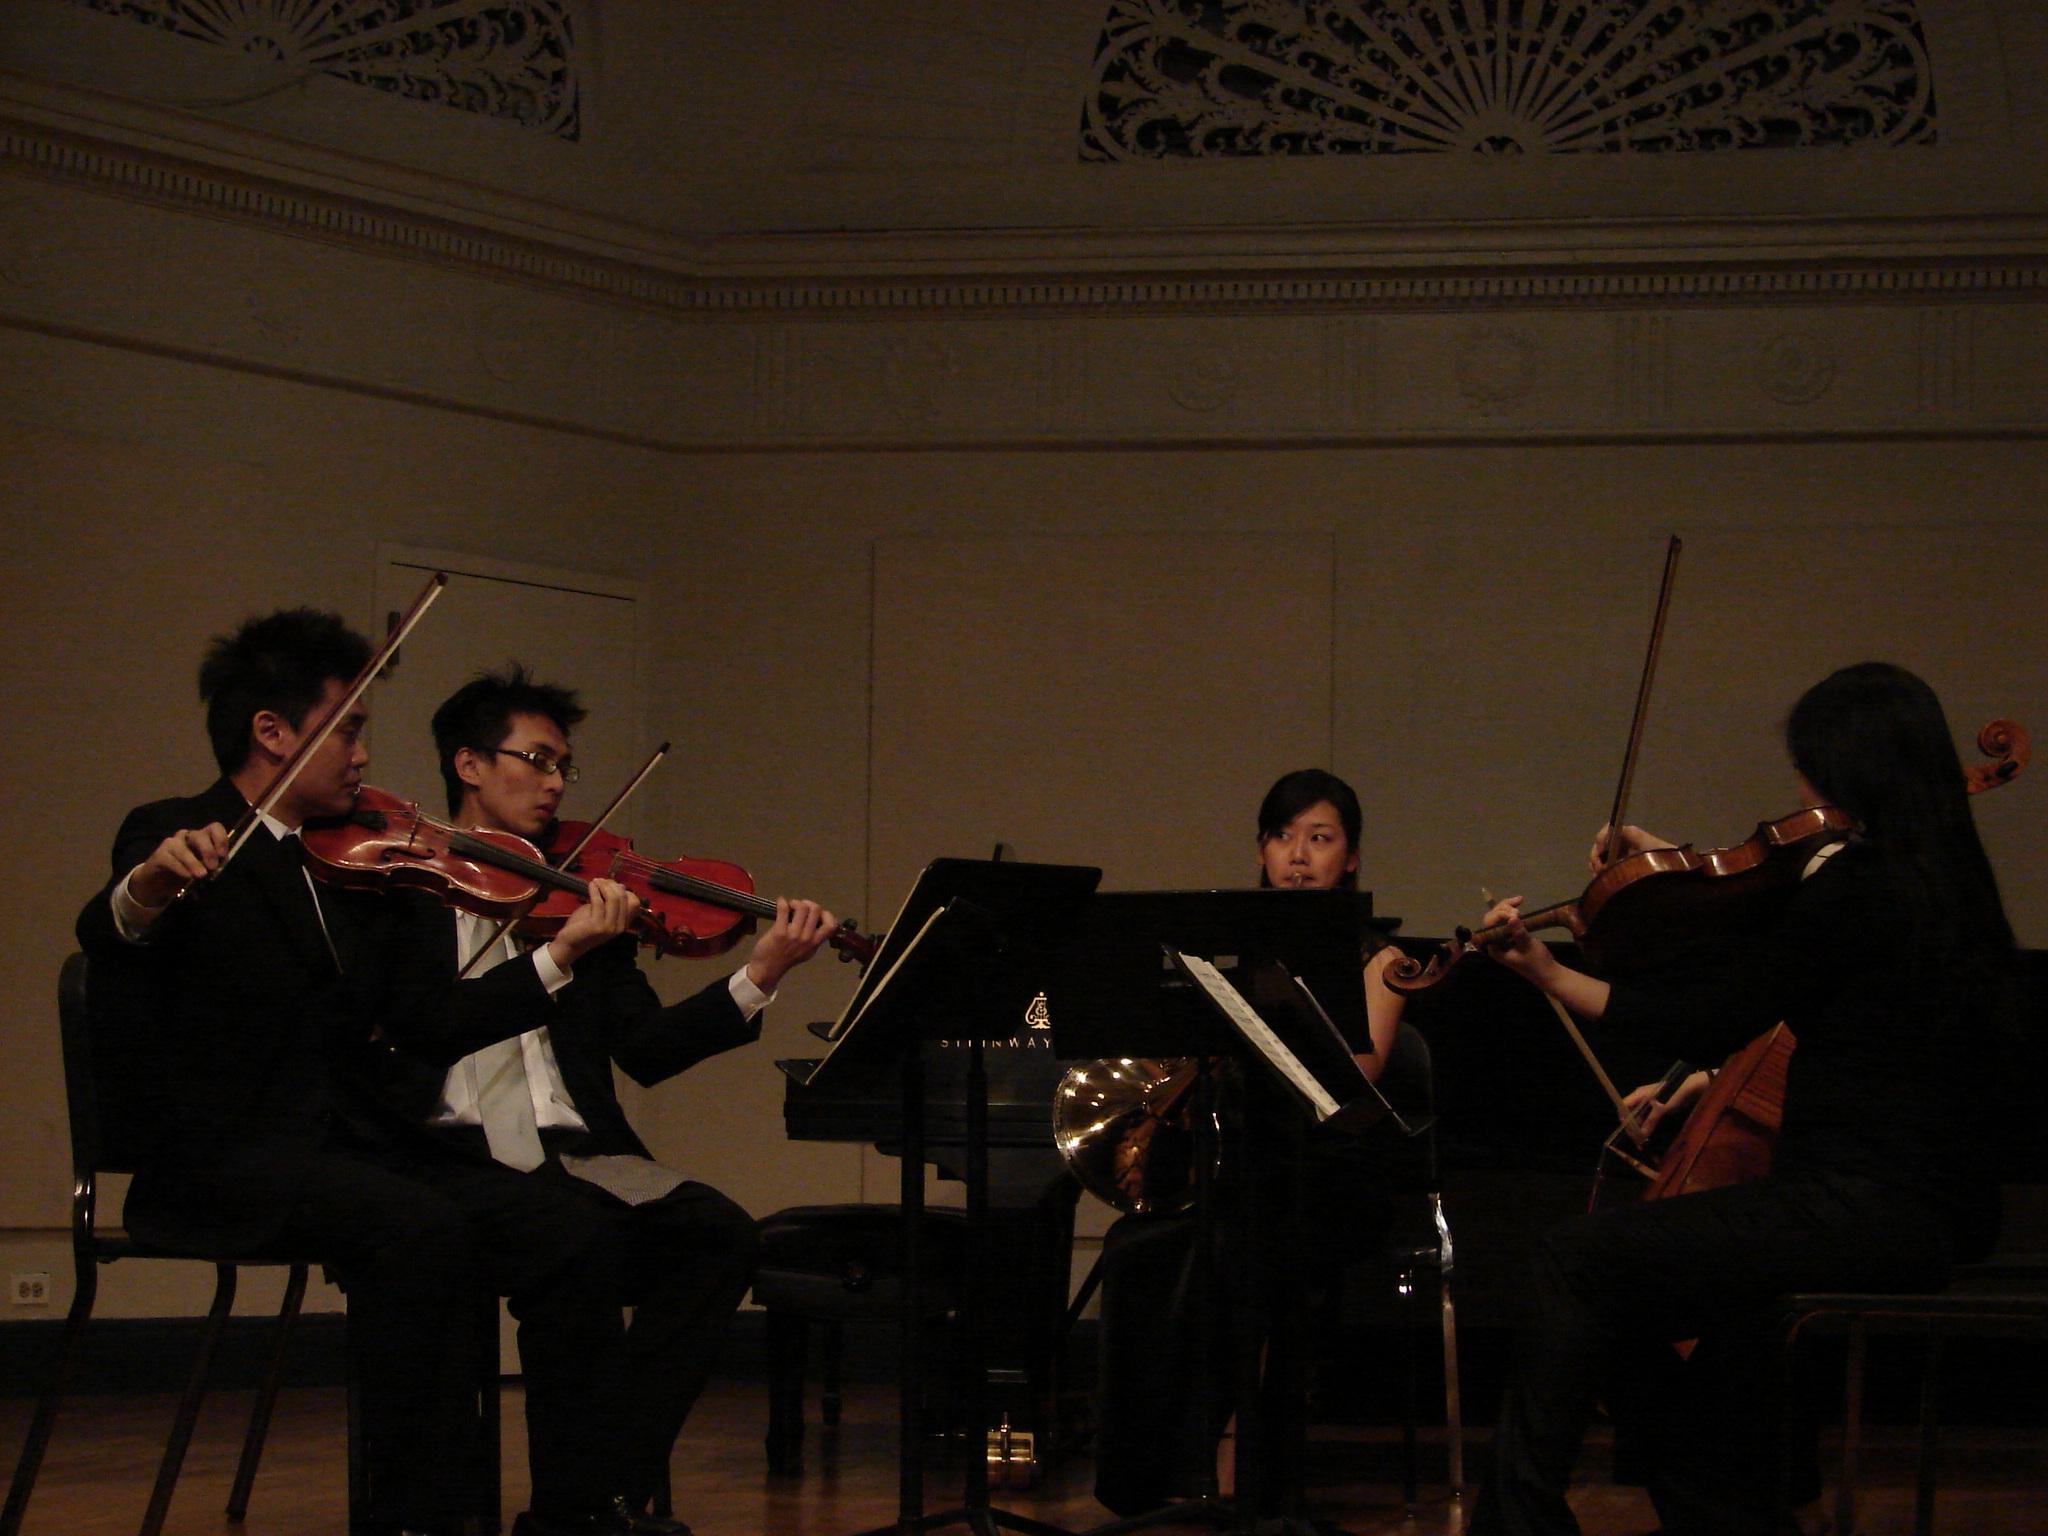 紐約的室內樂演出,左邊的中提琴手已經日美國芝加哥交響樂團的團員了.......